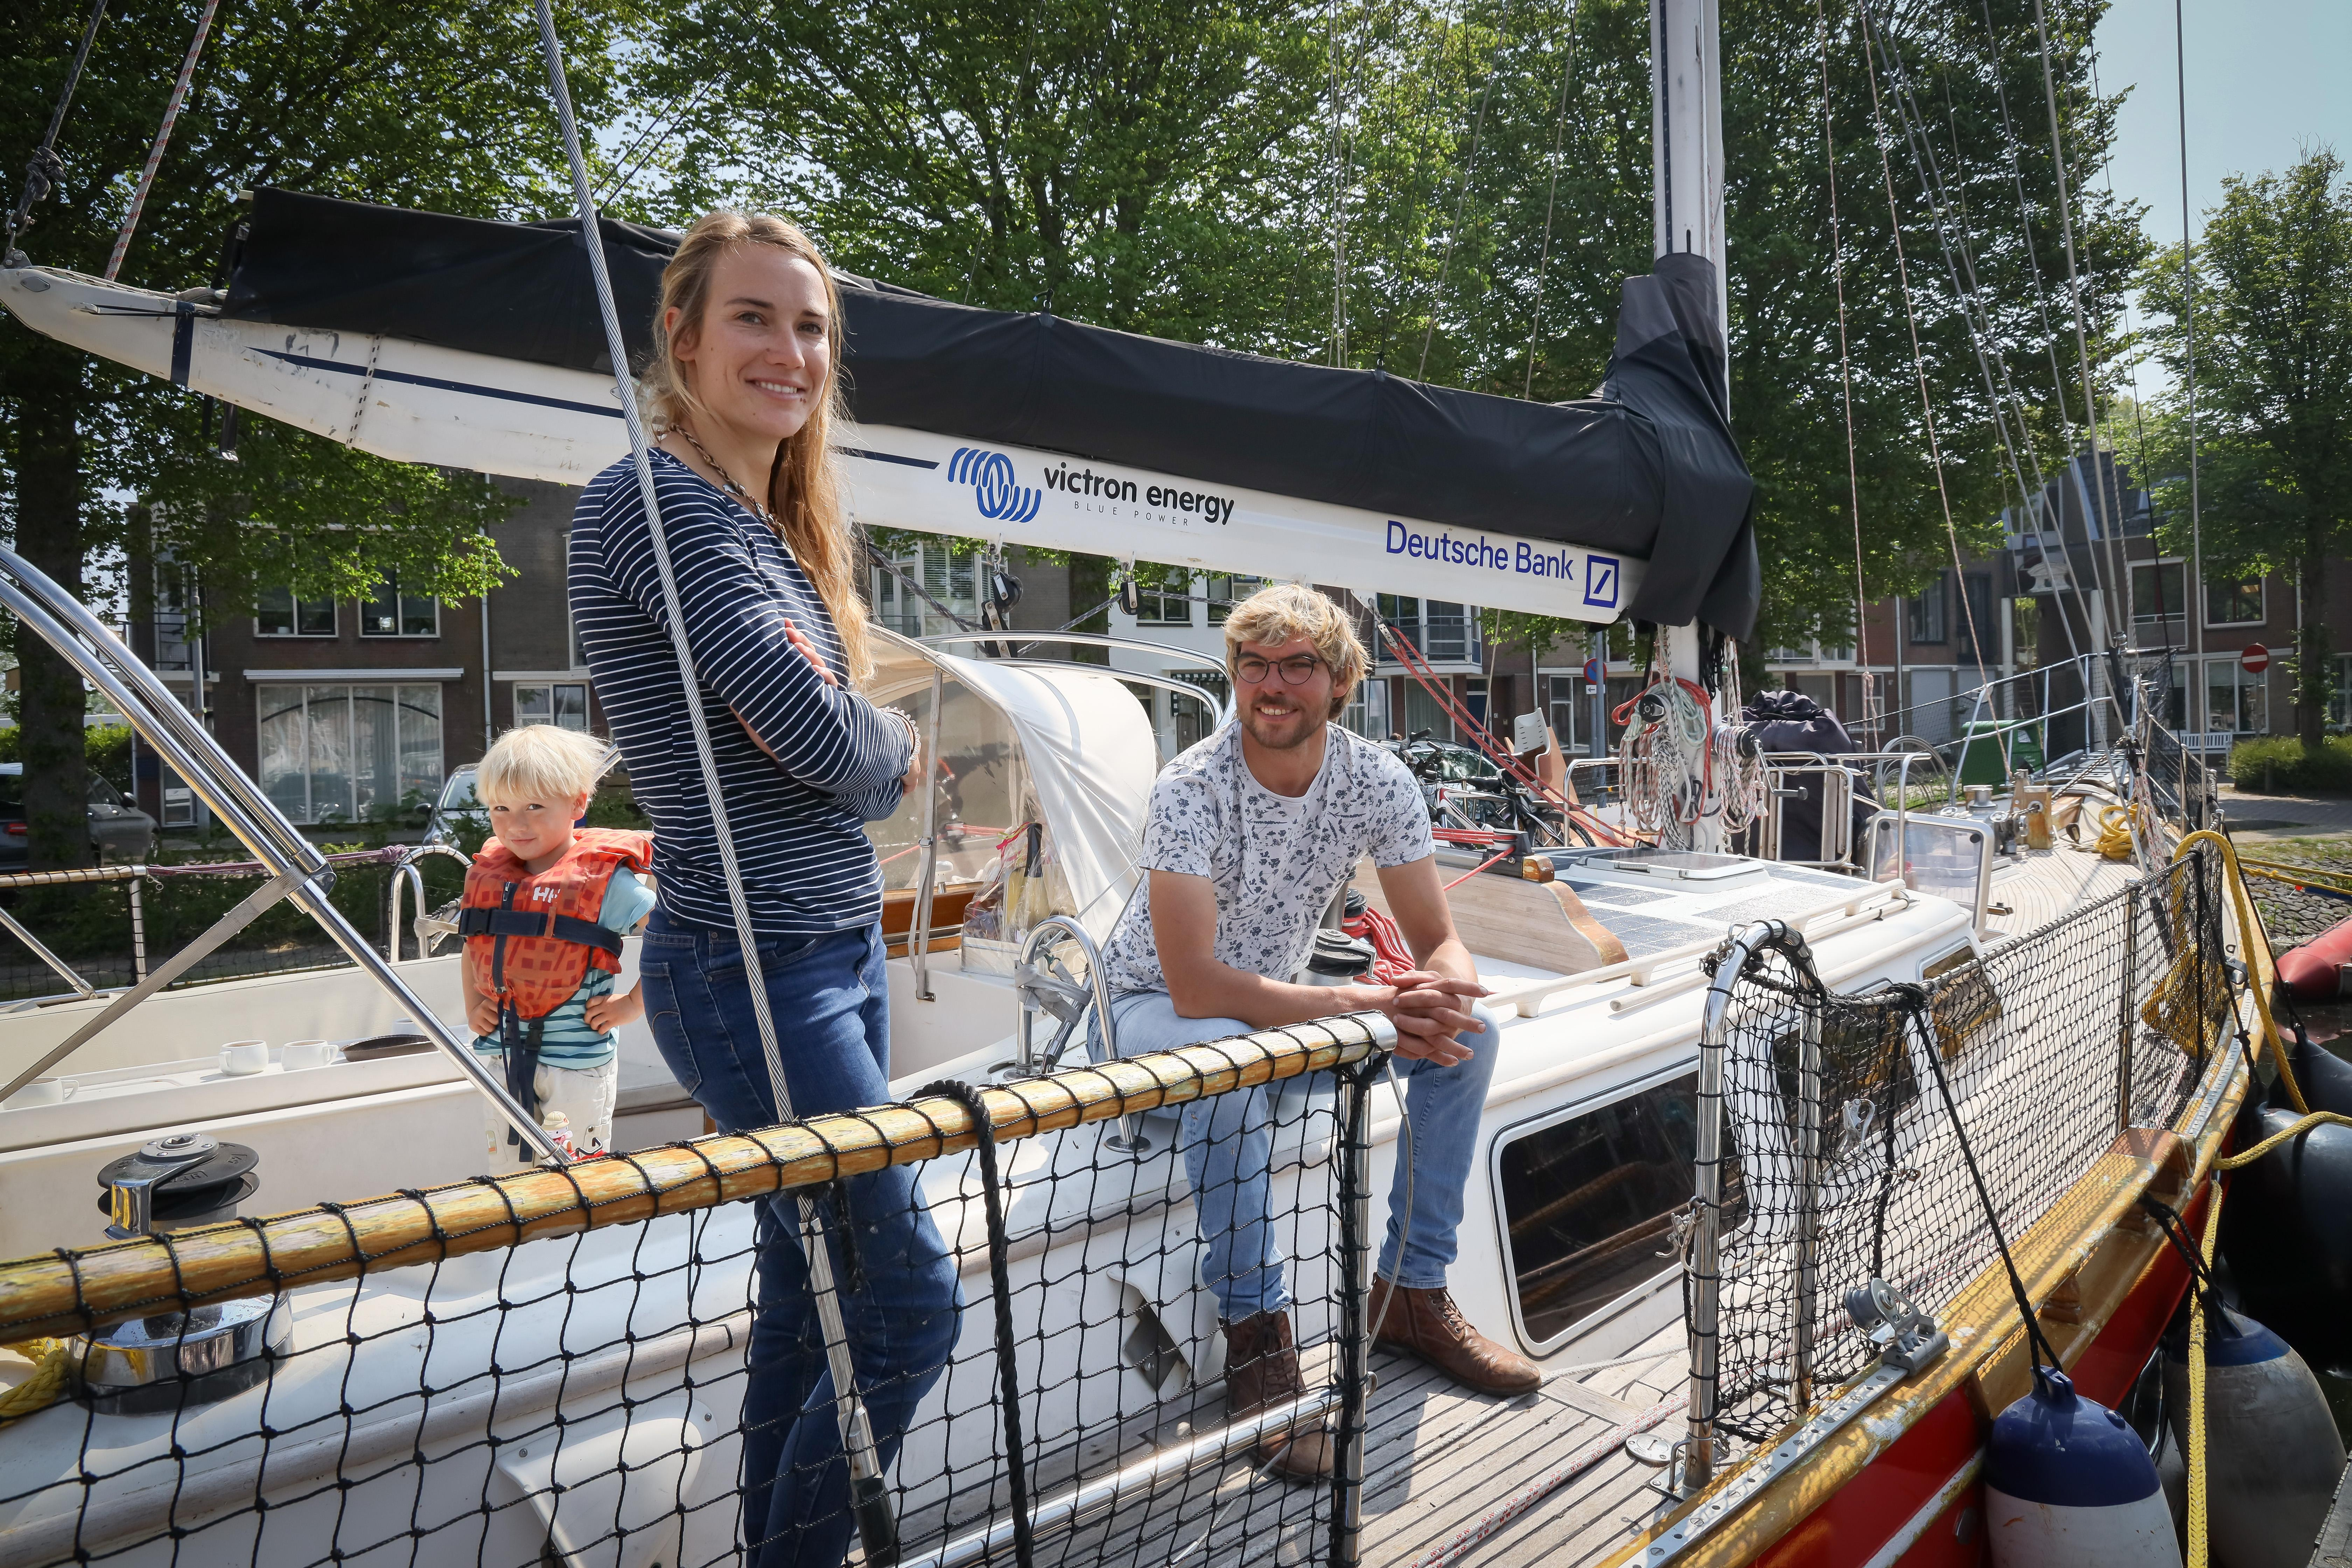 'Zeilmeisje' Laura Dekker meert met Guppy aan bij Kasteel Radboud. Kinderen met 'rugzakje' laat ze met zeiltochten opbloeien